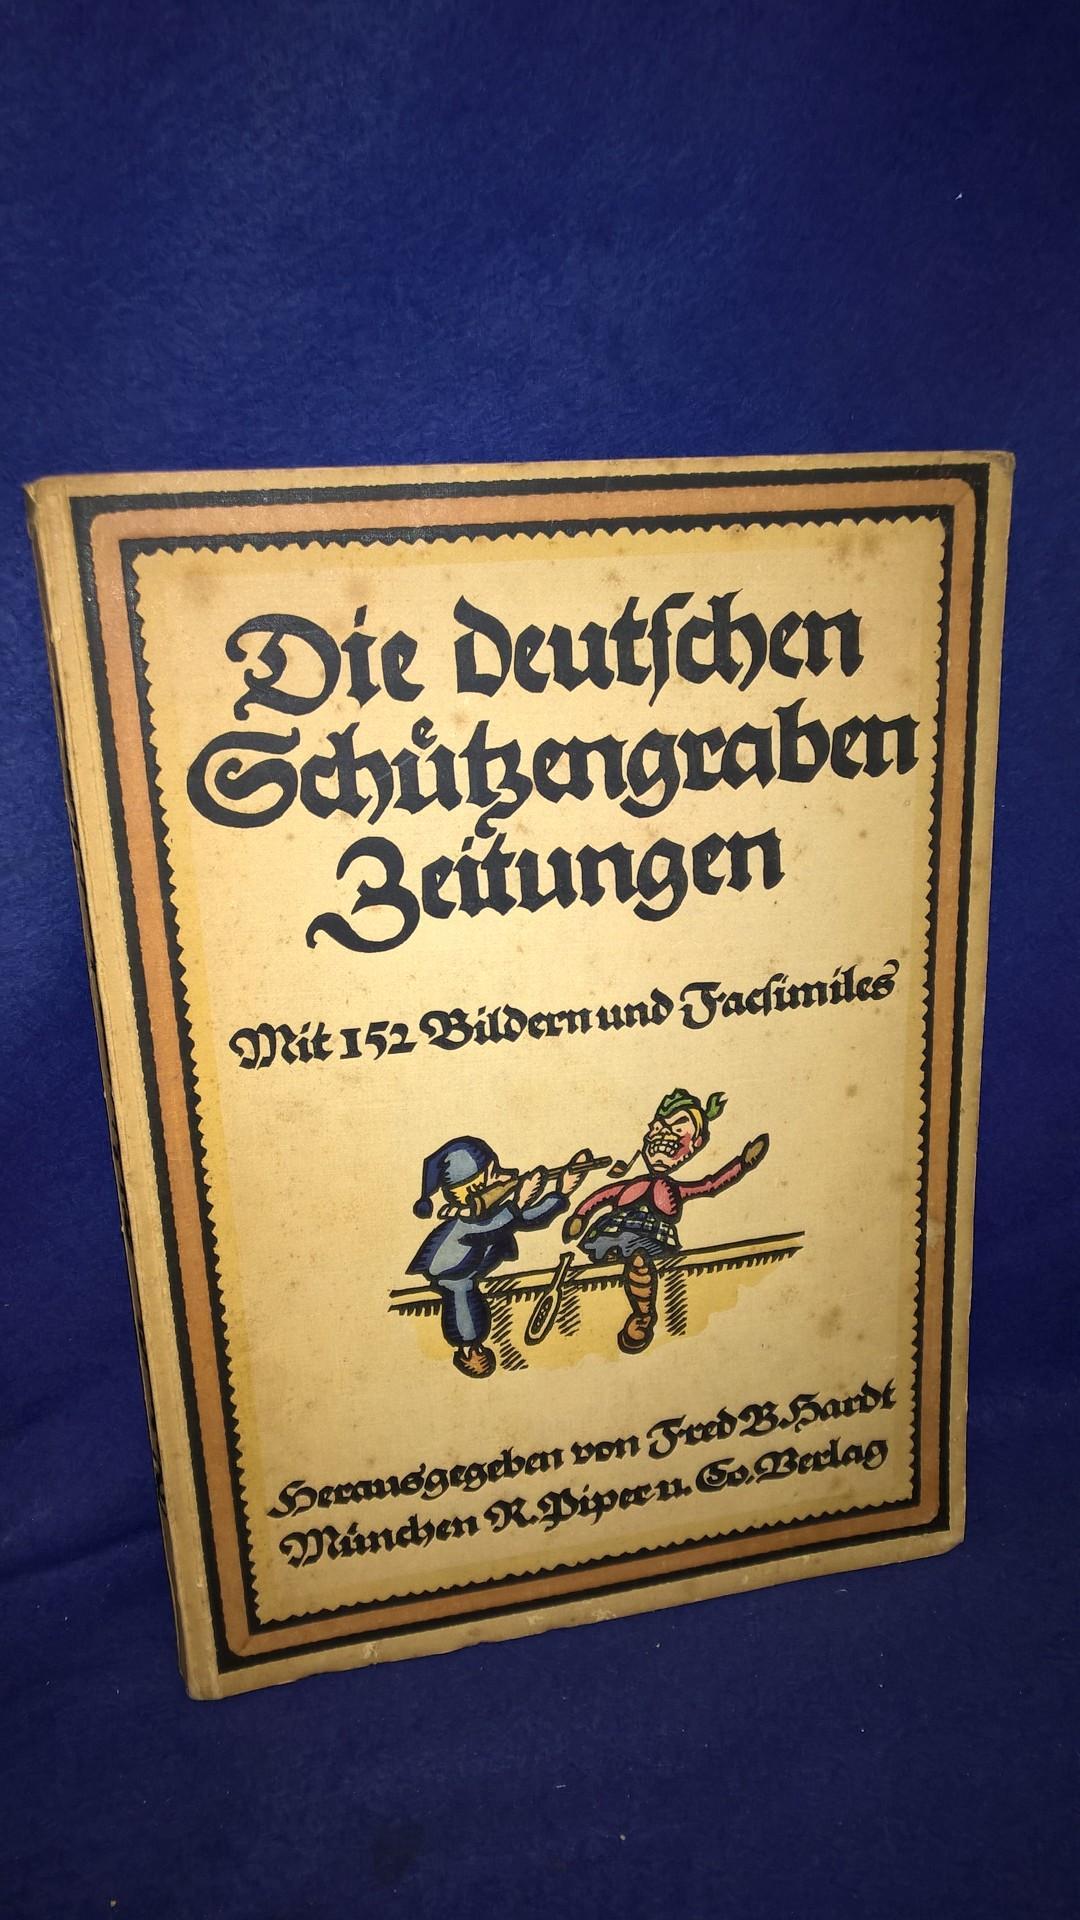 Die deutschen Schützengraben Zeitungen. Mit 152 Bildern und Facsimiles.